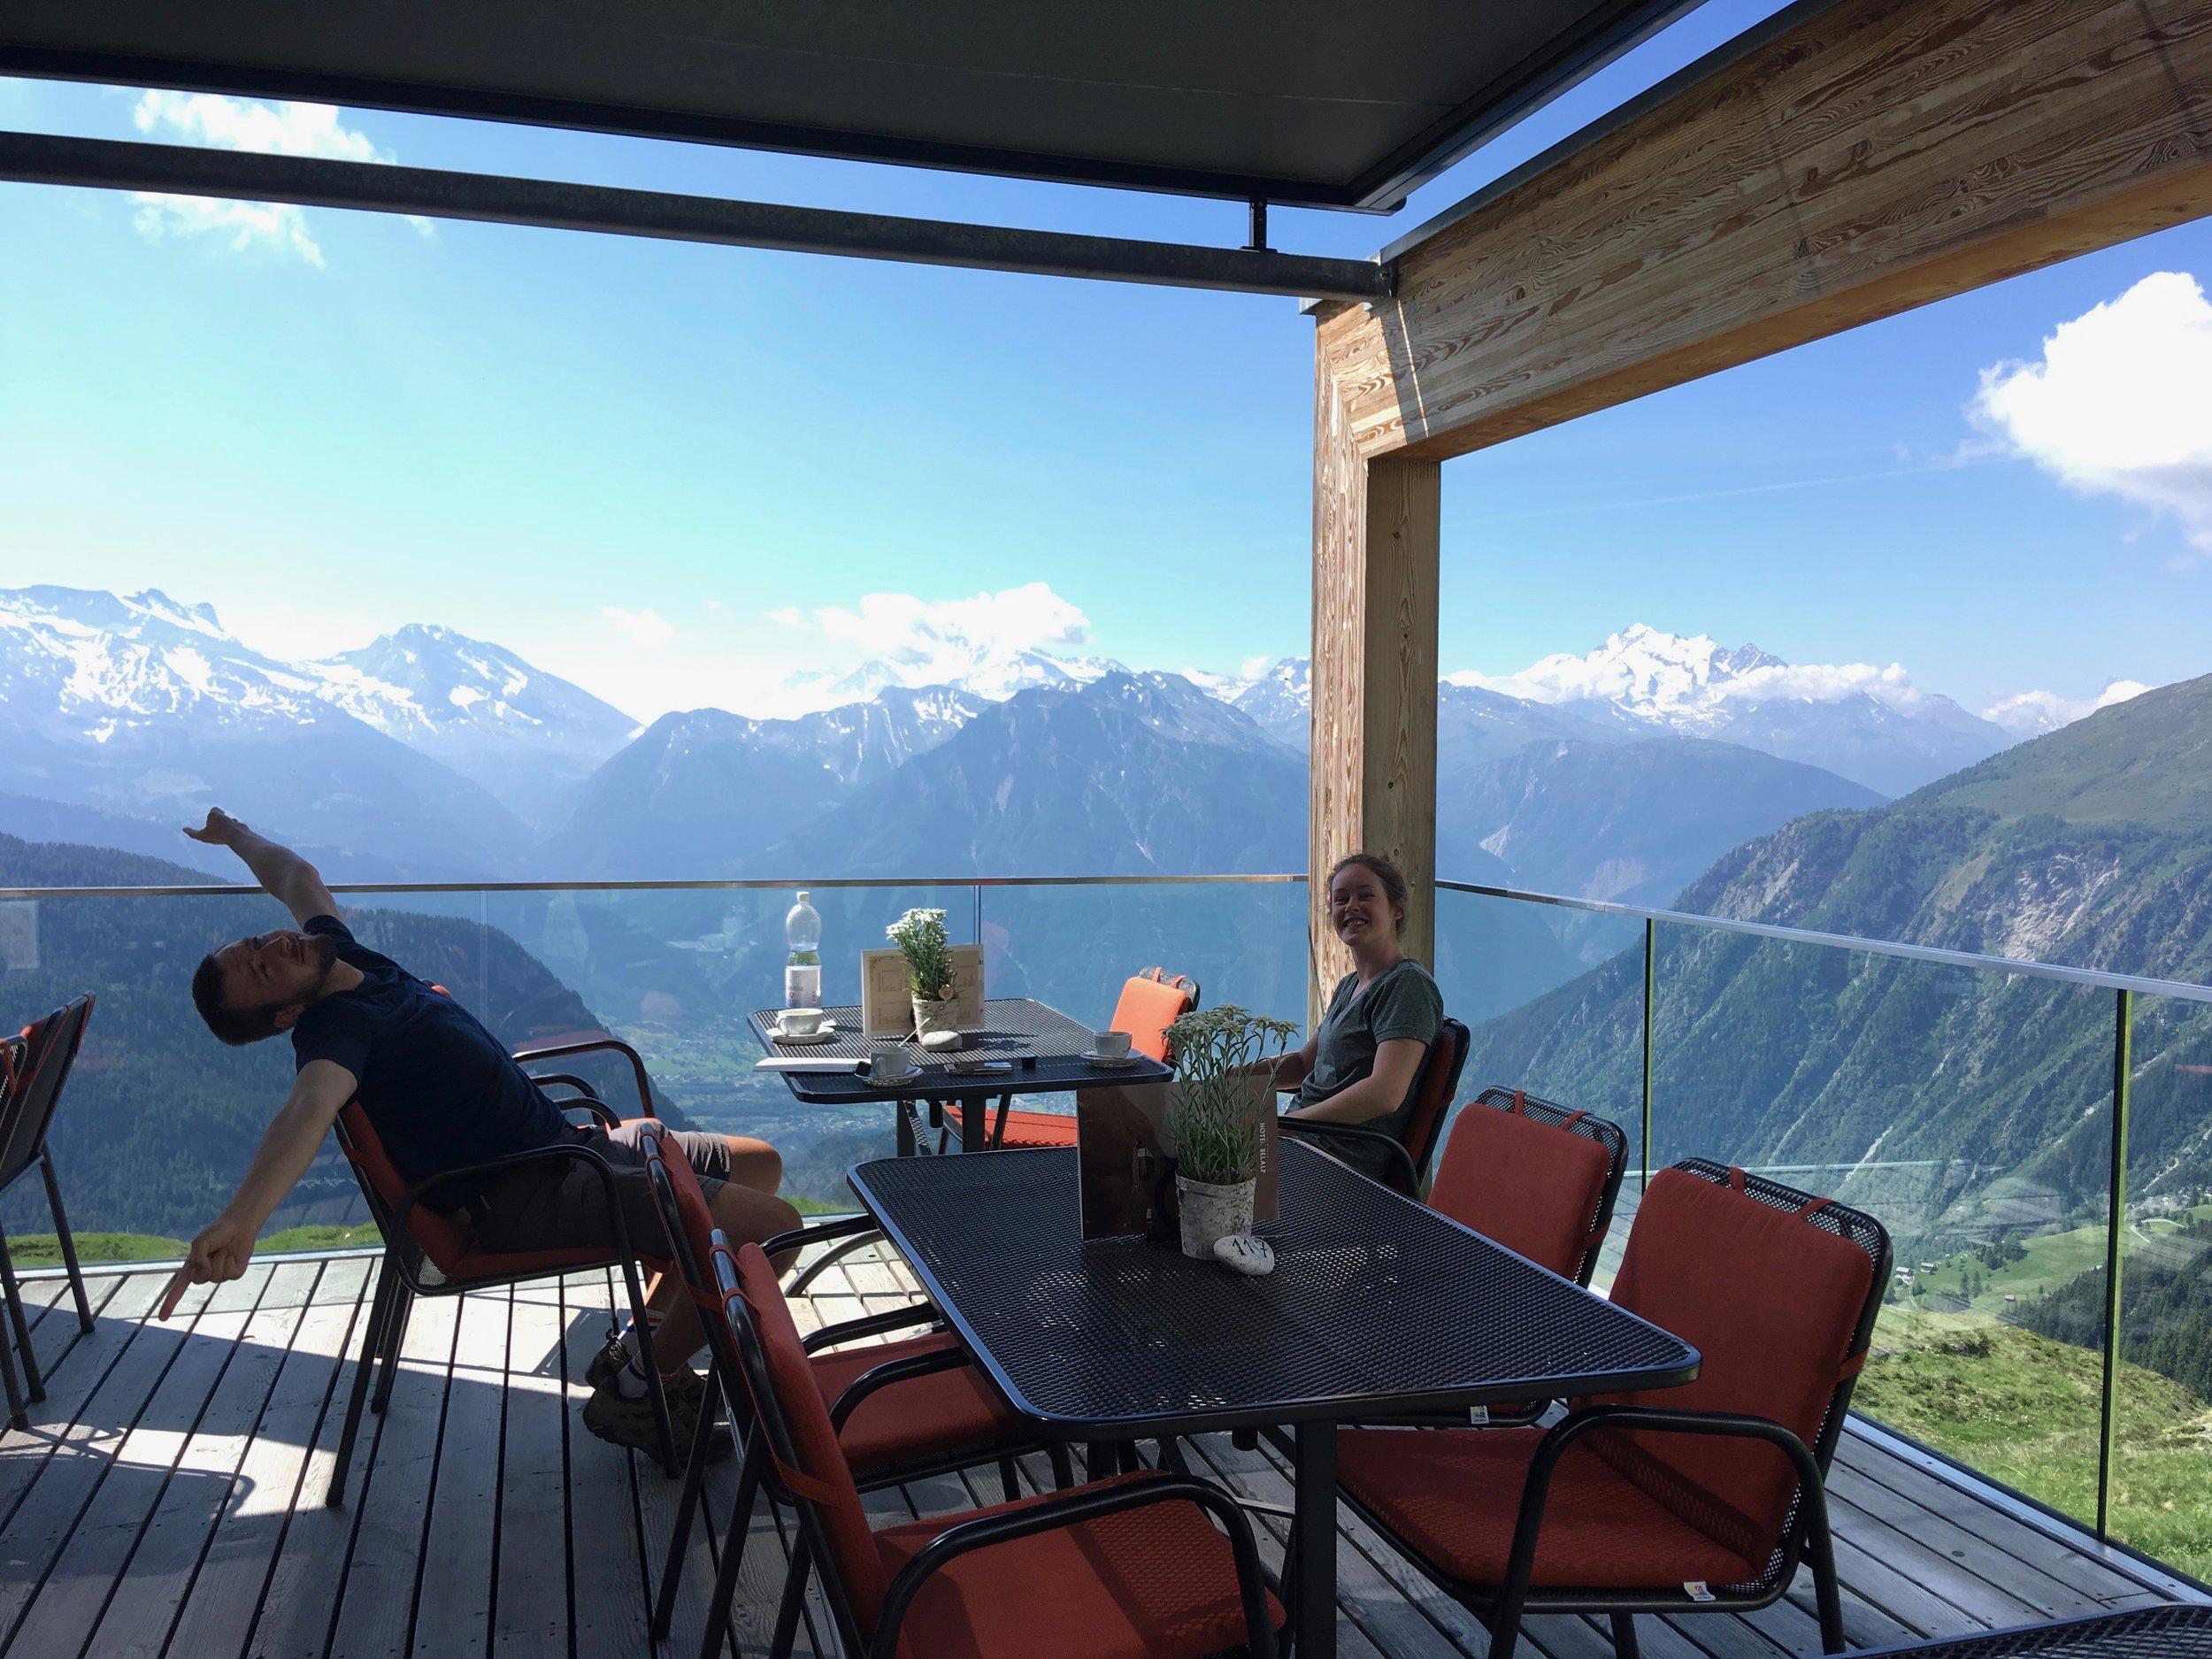 Naters, Switzerland